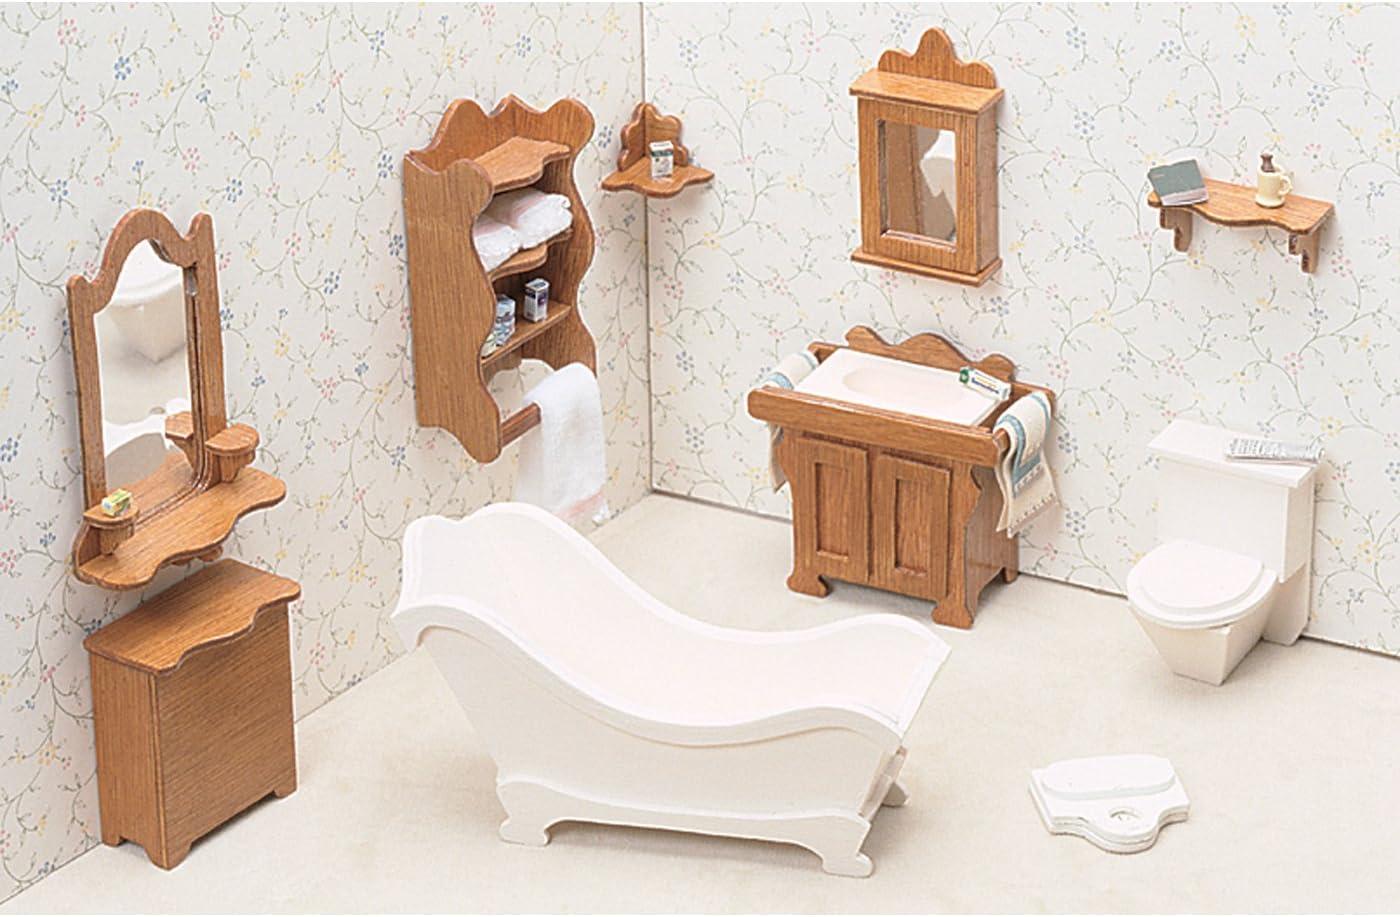 Greenleaf Dollhouse Furniture Kit for Bathroom